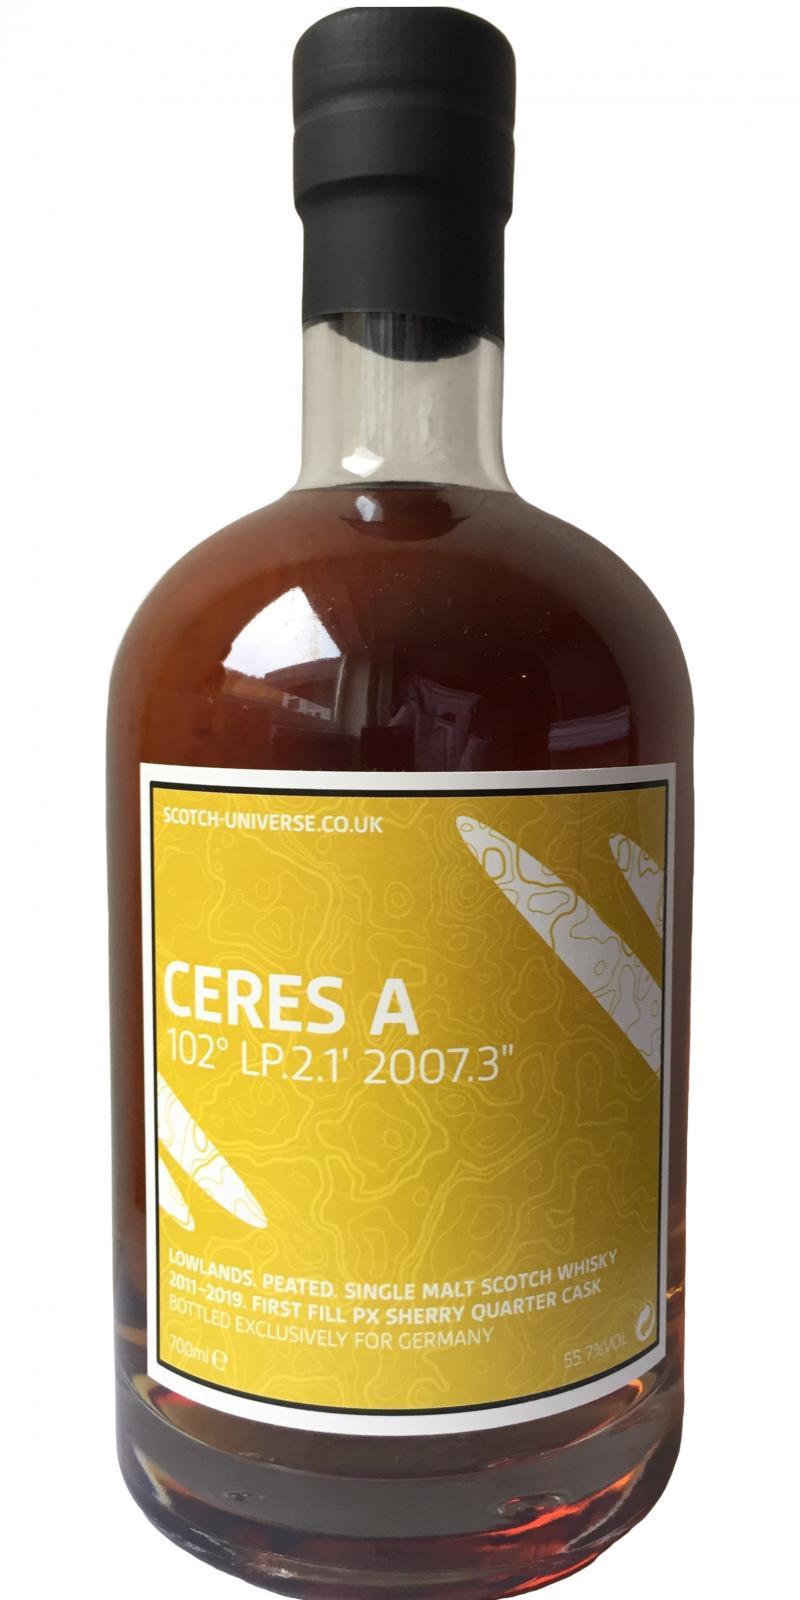 """Scotch Universe Ceres A - 102° LP.2.1'  2007.3"""""""